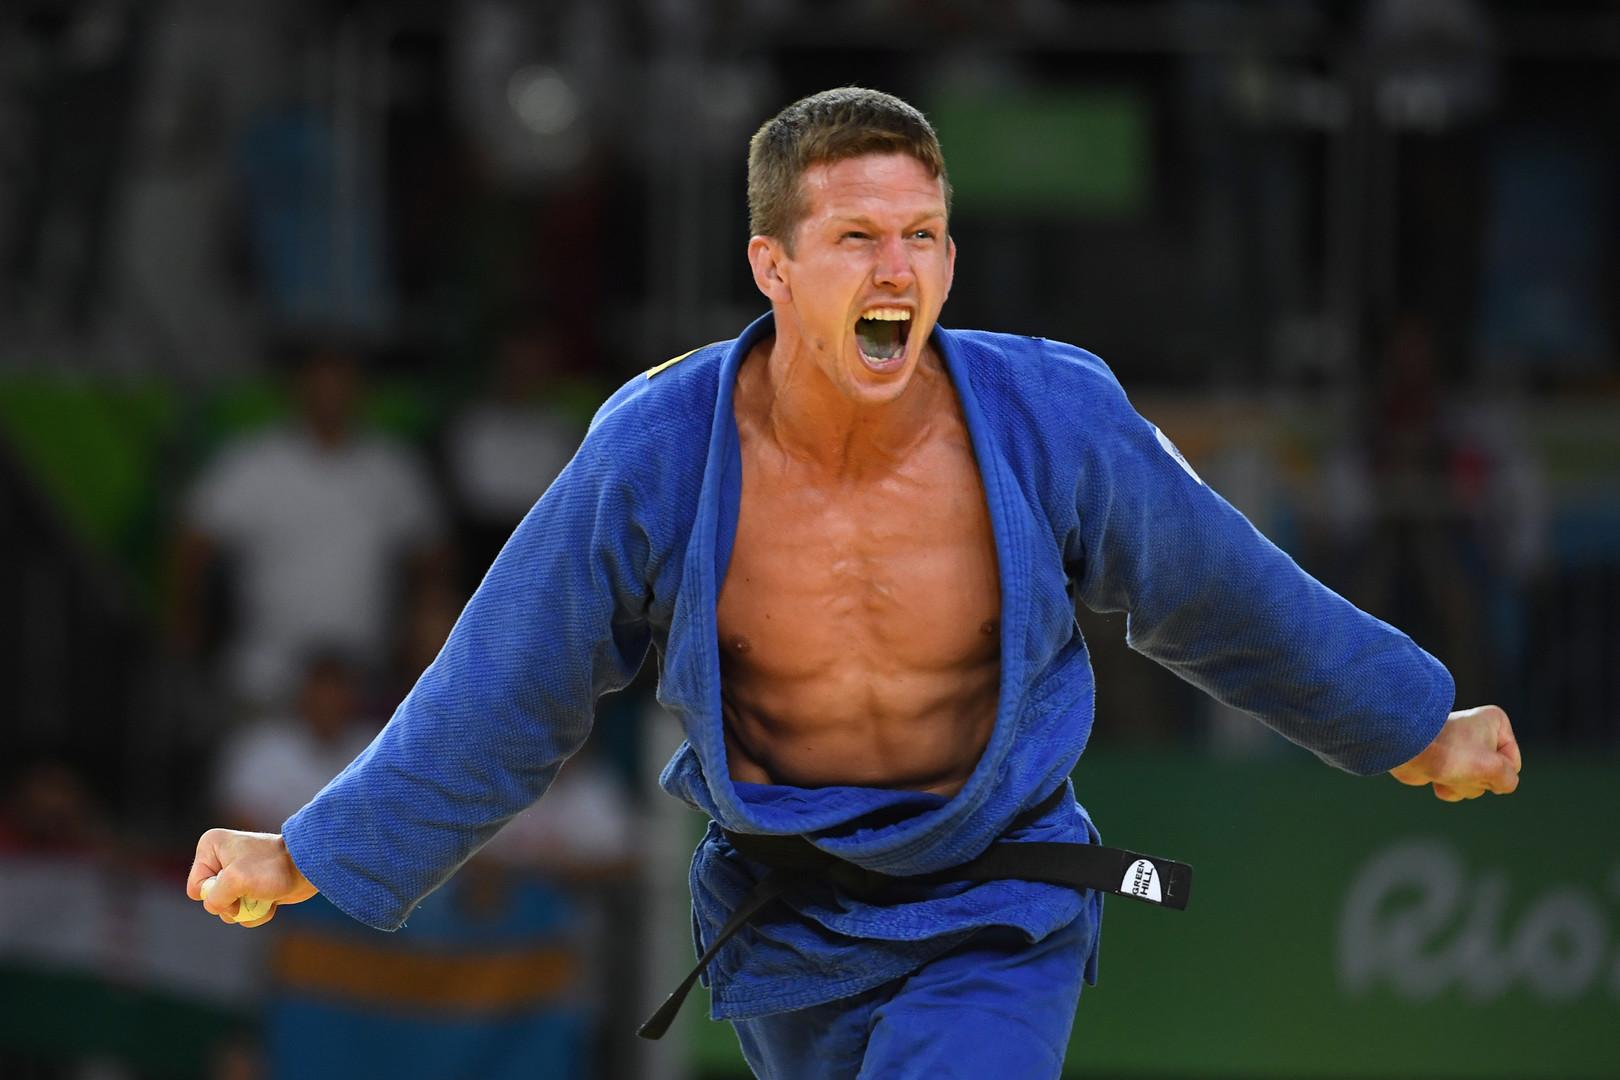 Кто избил бельгийского дзюдоиста: бронзовый призёр игр познакомился с преступным миром Рио